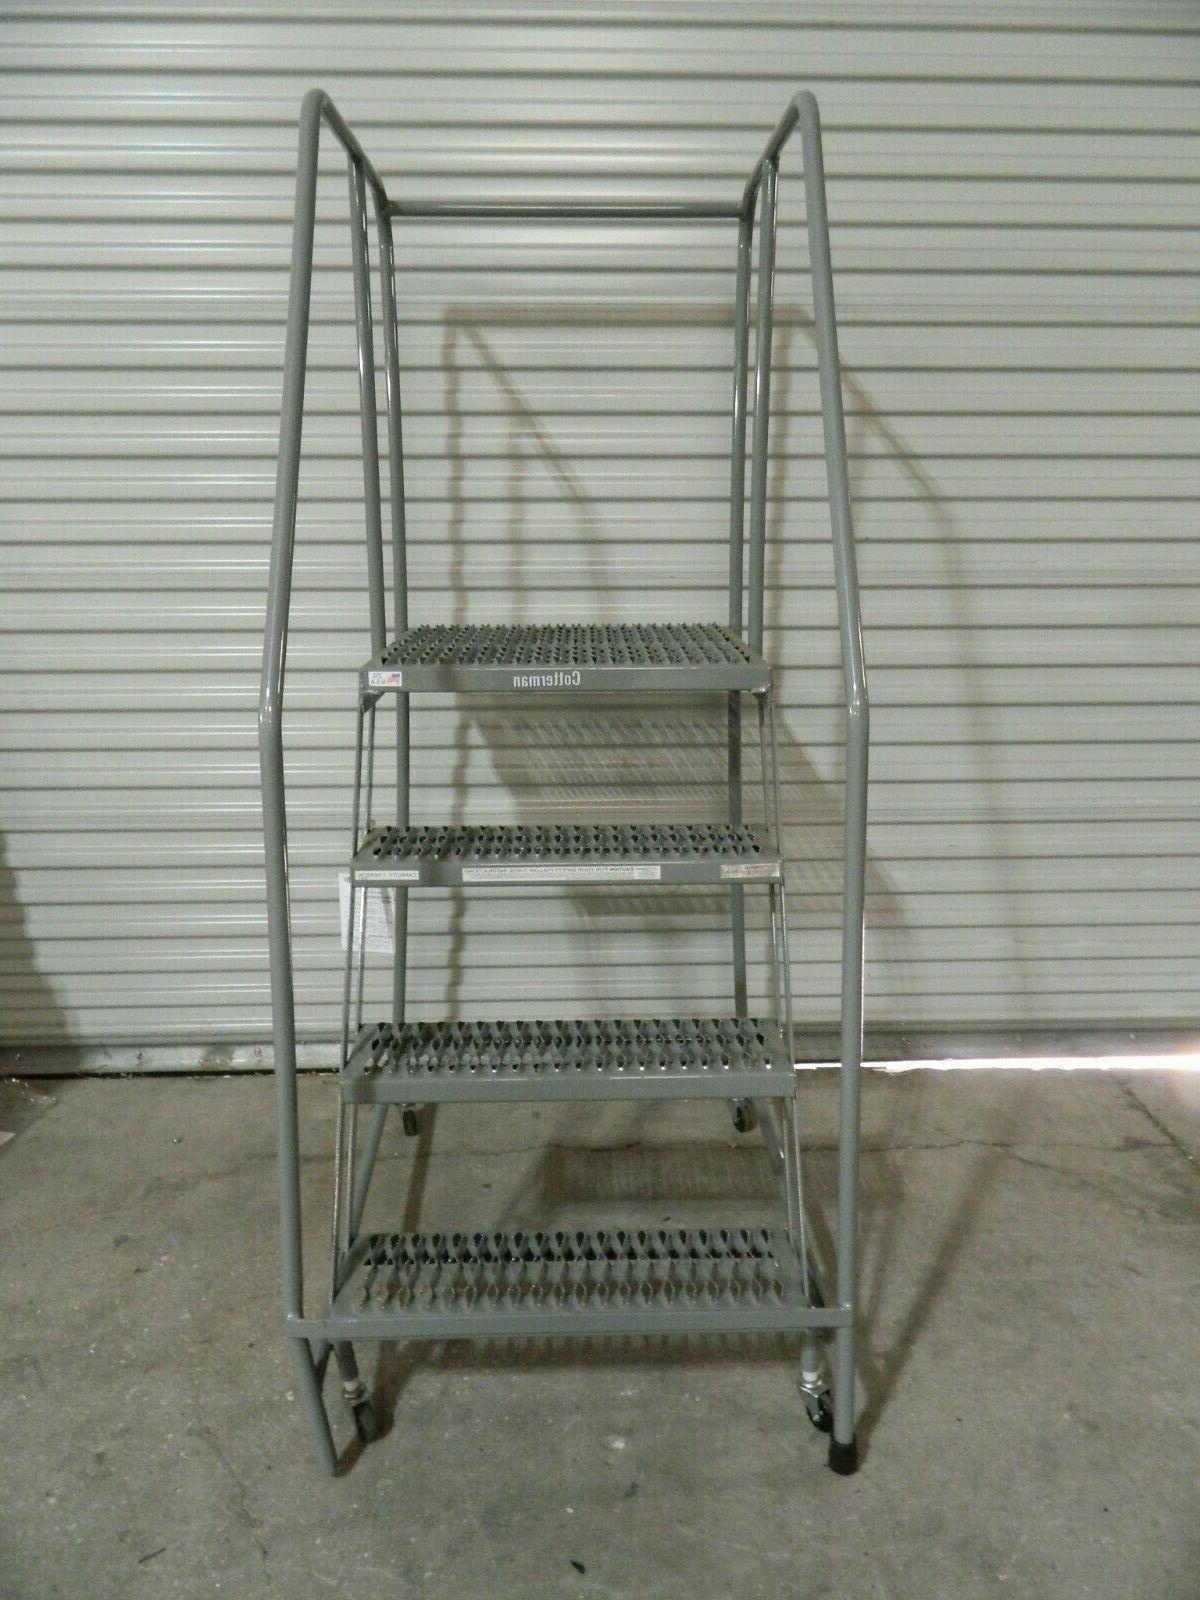 Cotterman 4 Rolling Safety Ladder D0460090-23